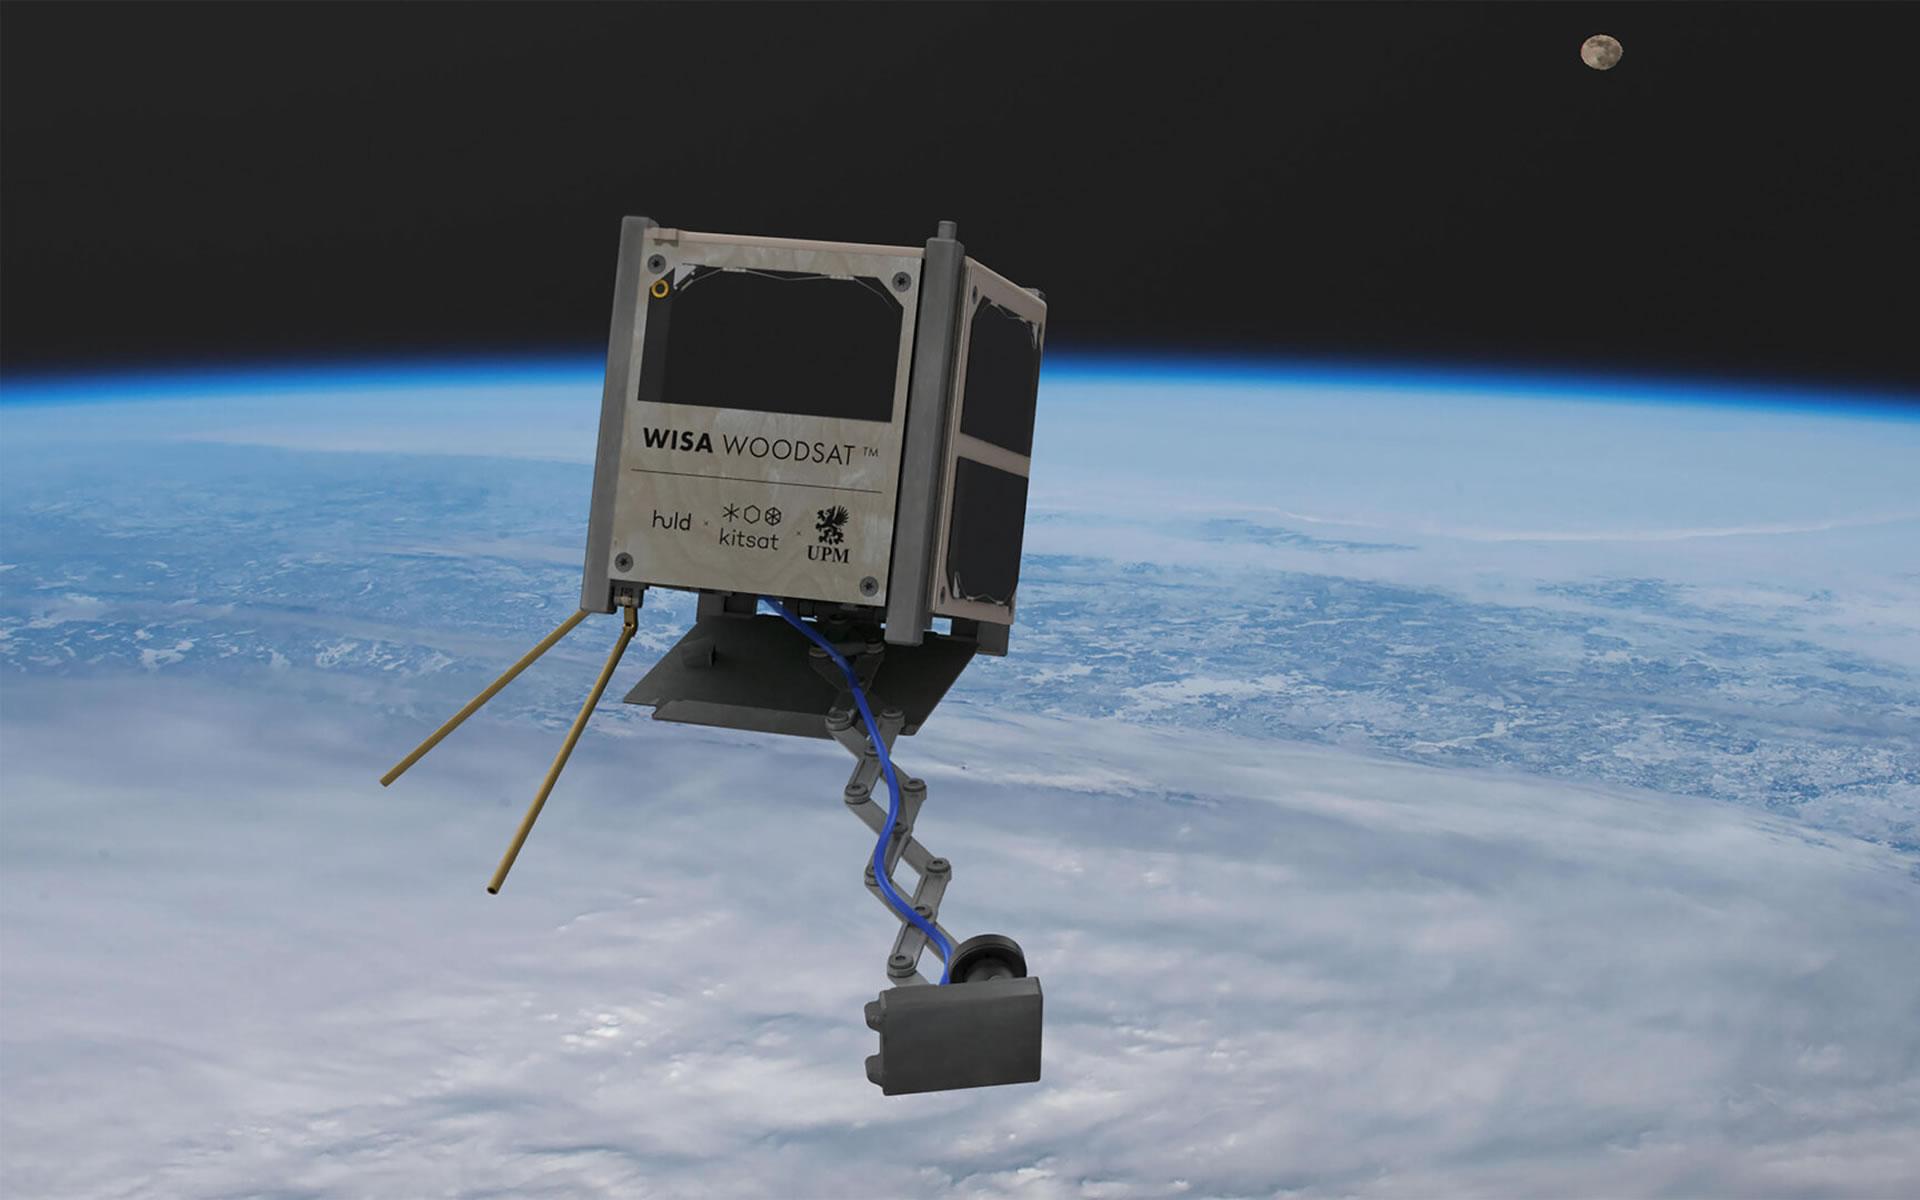 wisa-woodsat-arctic-astronautics-cubesat